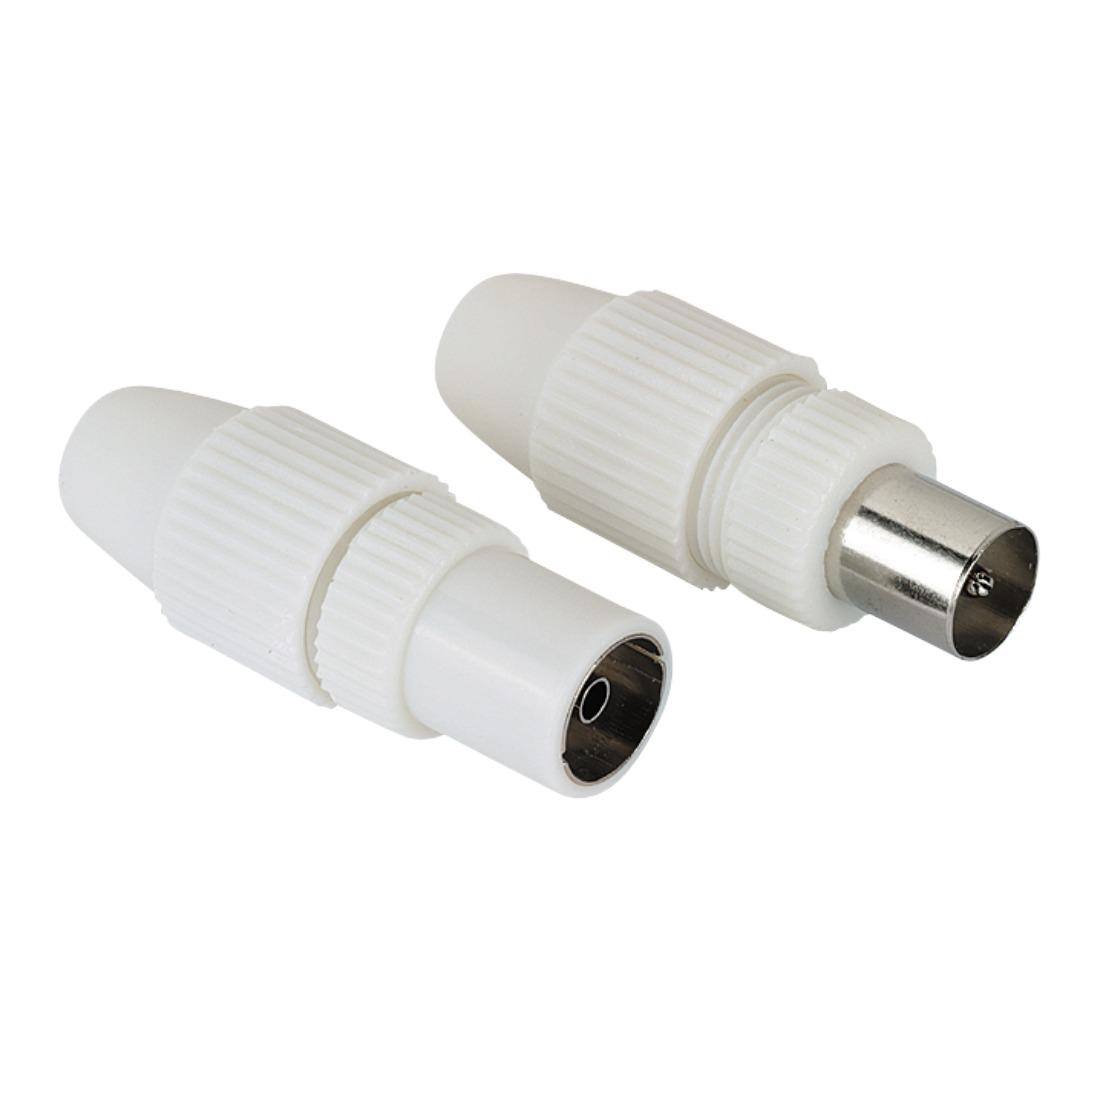 Foto van Hama Coax adapter stekkers mannelijk/vrouwelijk TV accessoire